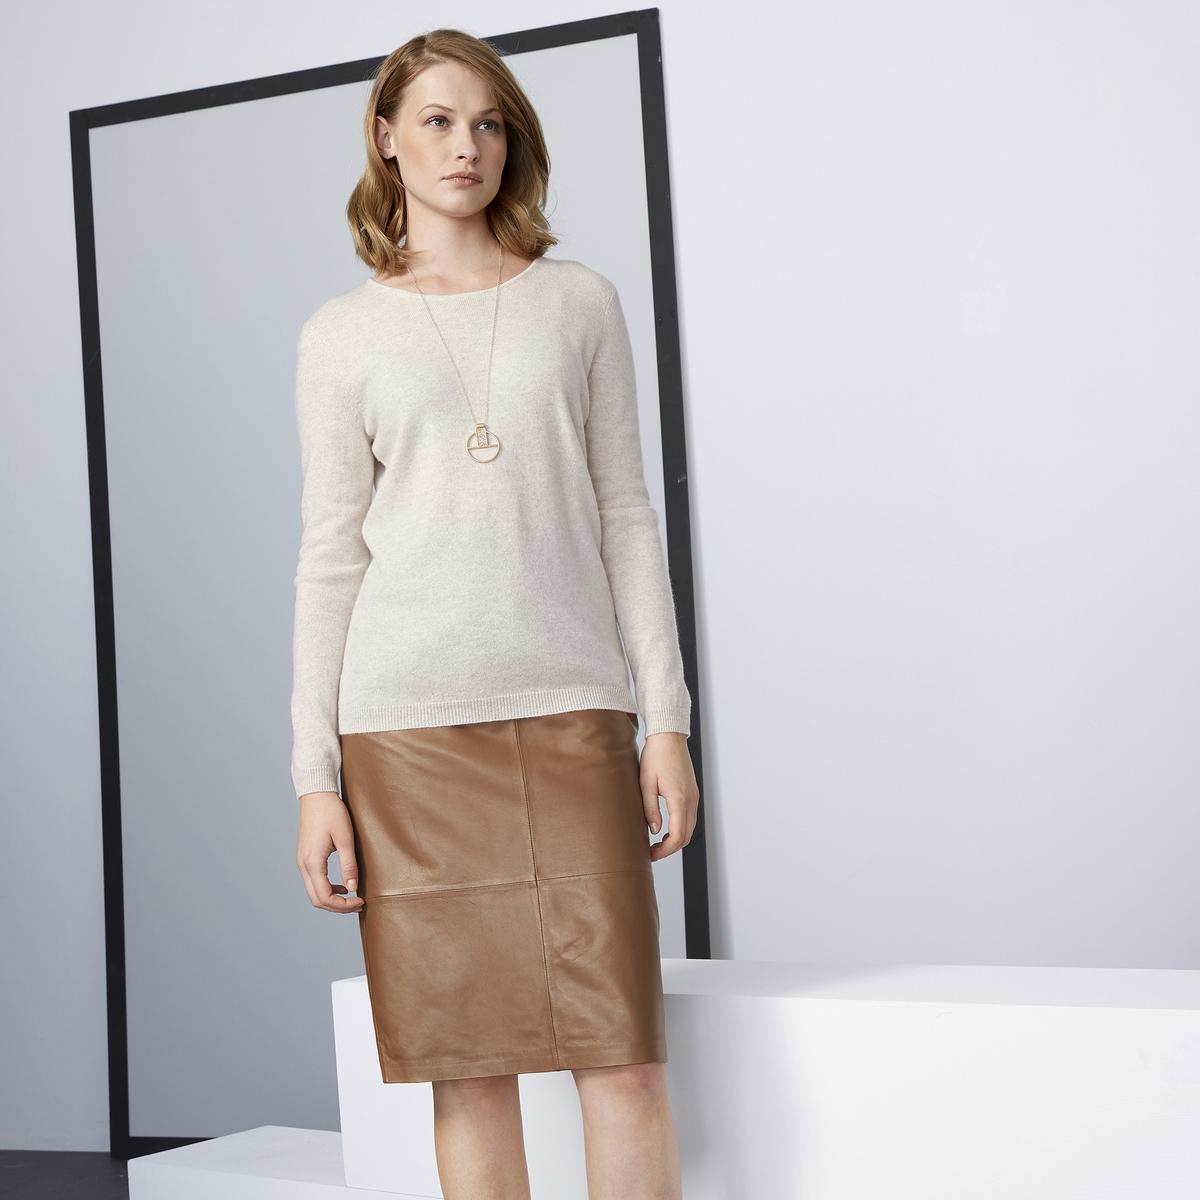 Imagen secundaria de producto de Jersey de cuello redondo, 100% cachemir - Anne weyburn